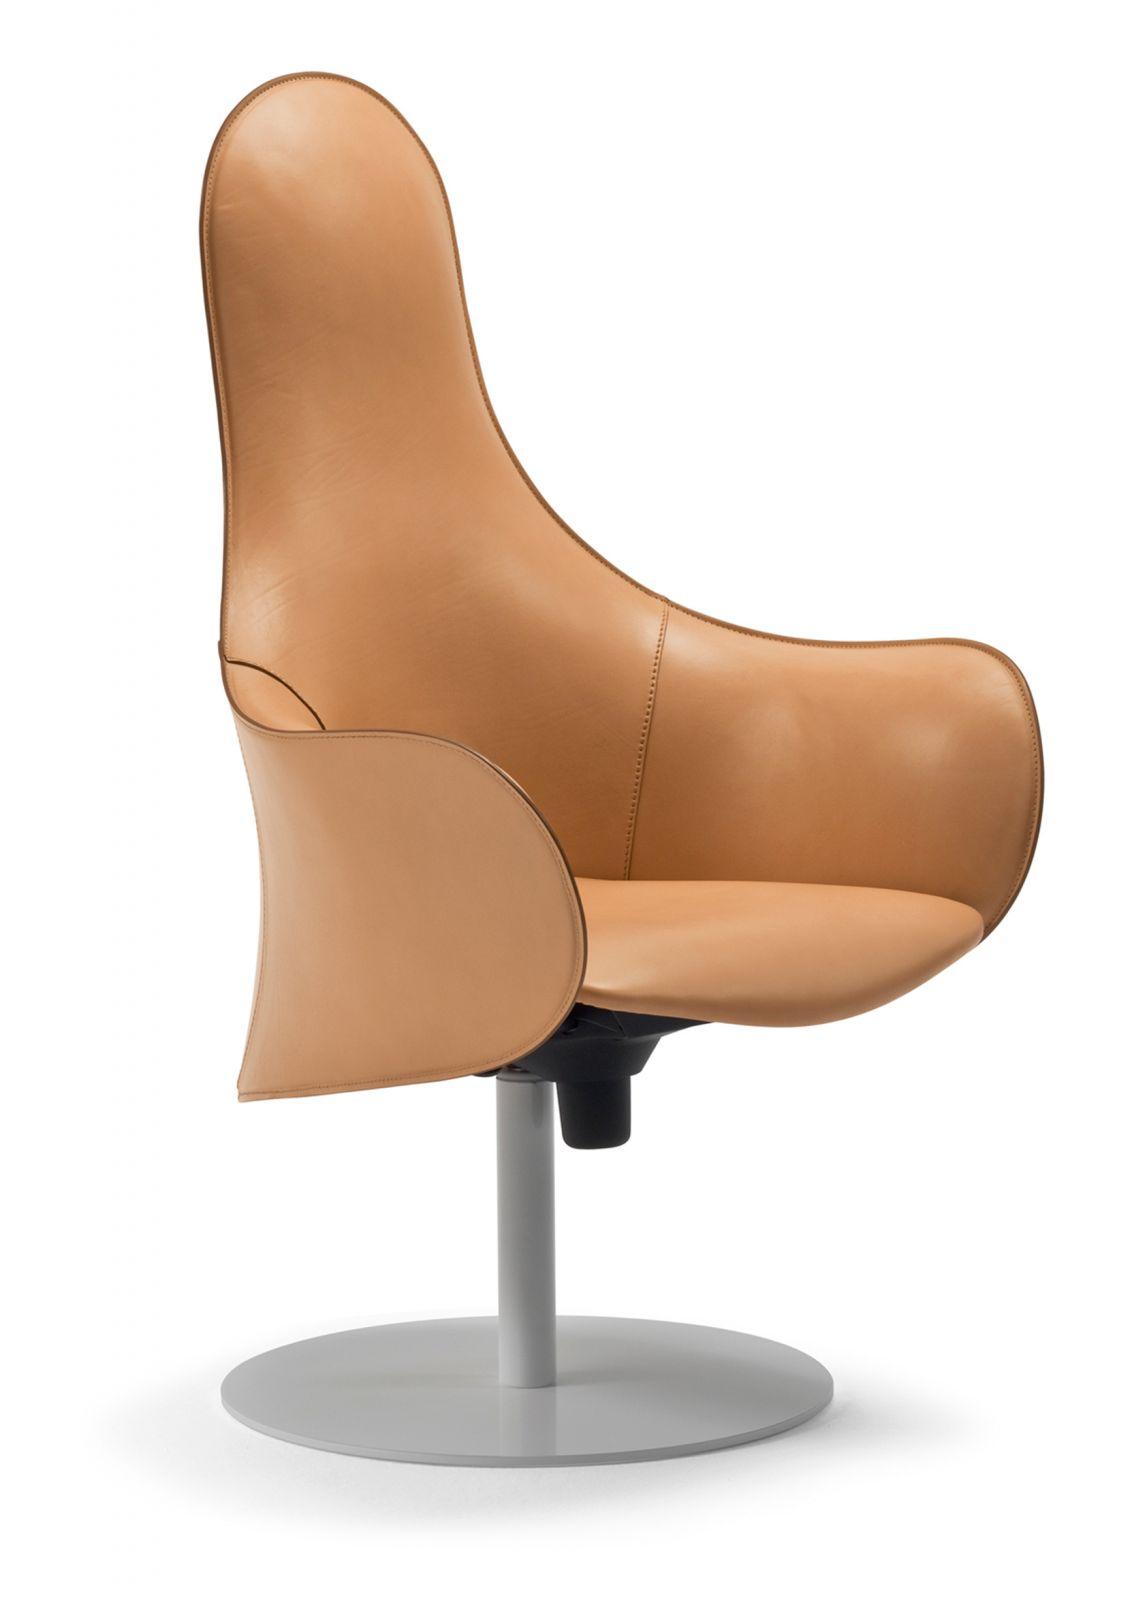 MOF 109 Modern Office Chair